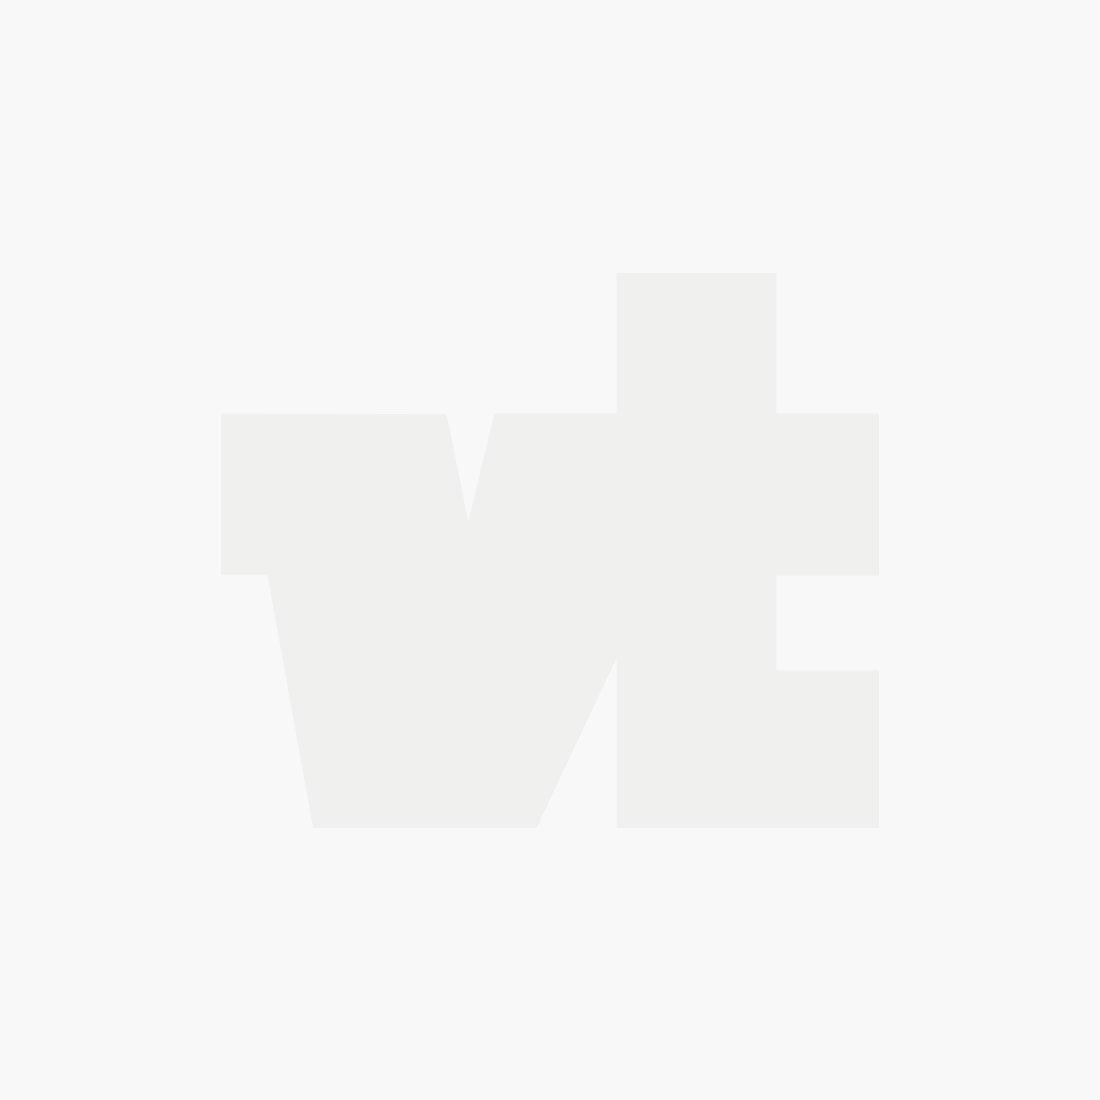 Bridge shirt hj dark green